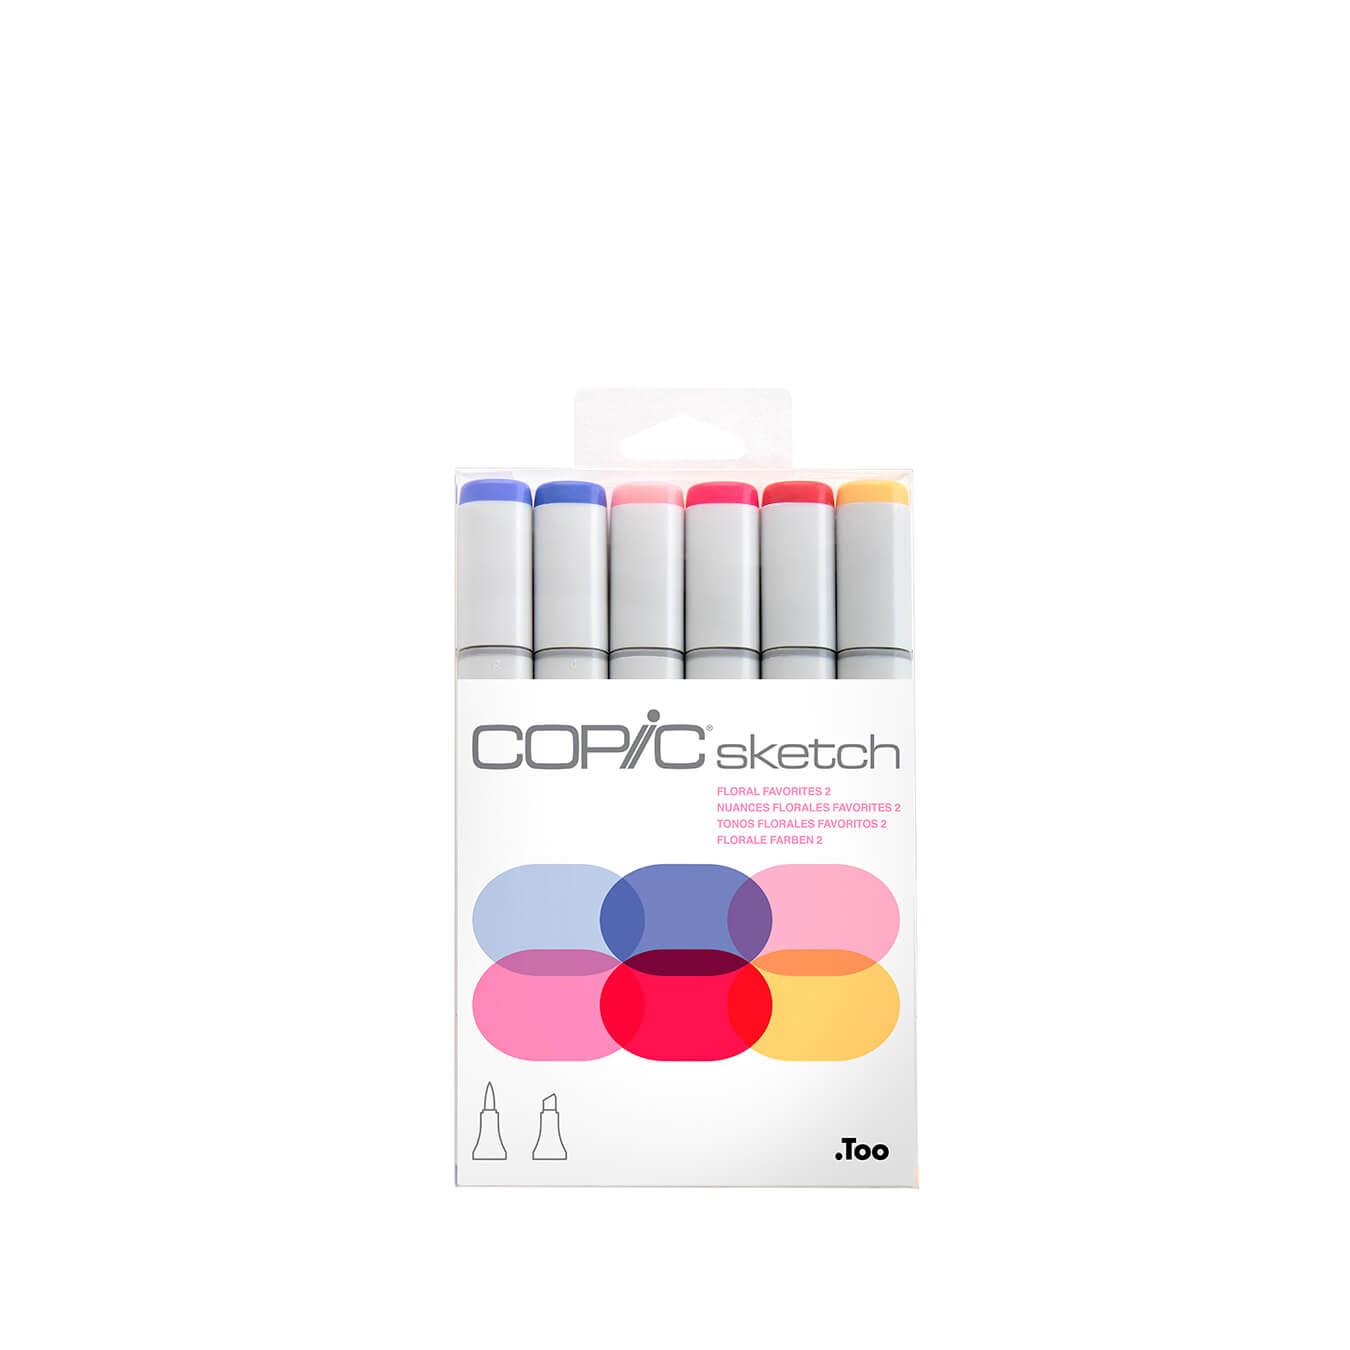 Copic Sketch 6 colors set  Floral Favorites 2